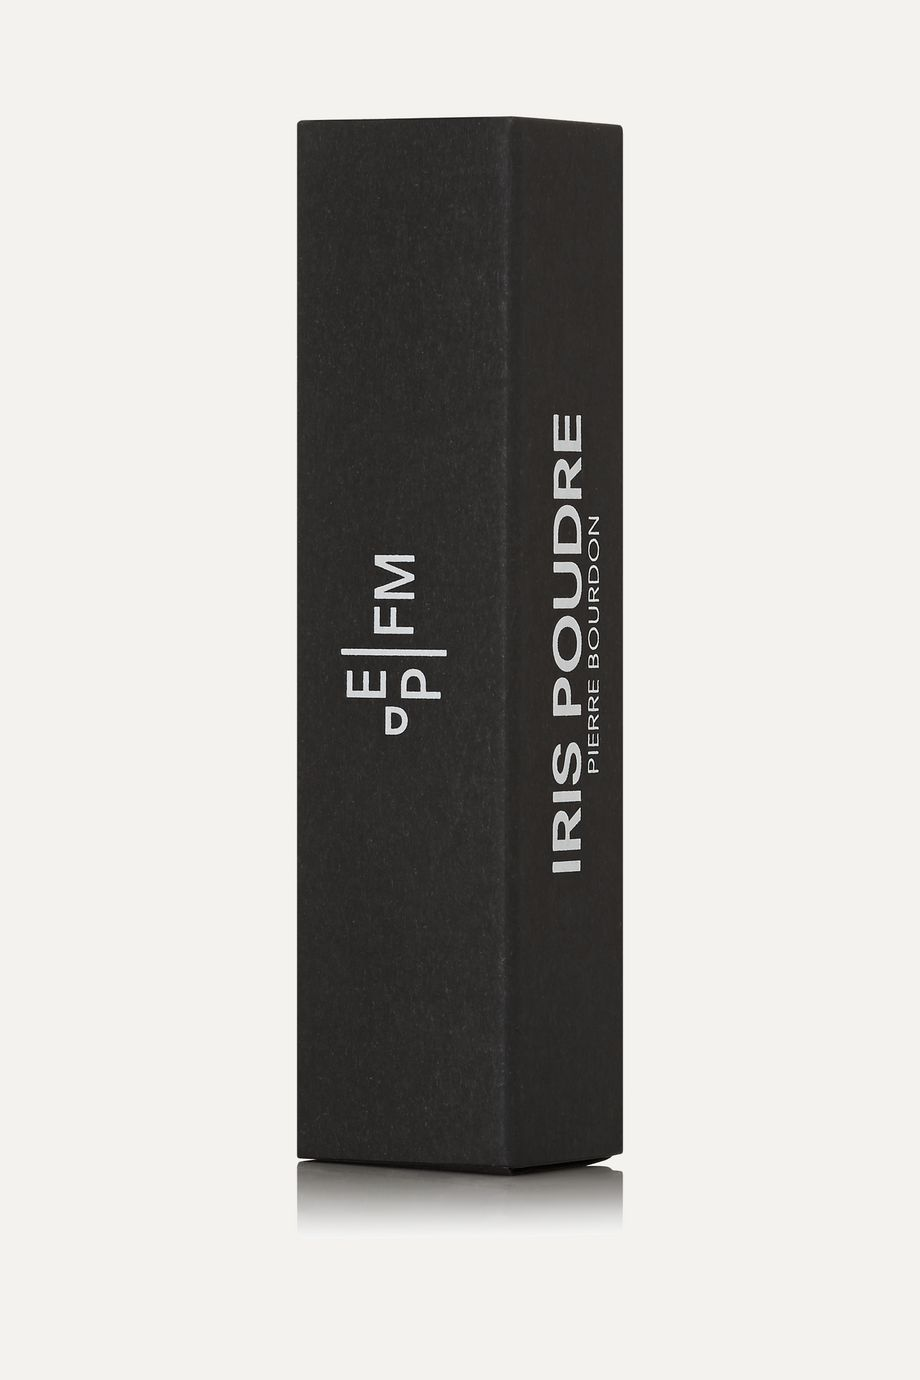 Frederic Malle Iris Poudre – Schwertlilie & Sandelholz, 10 ml – Eau de Parfum